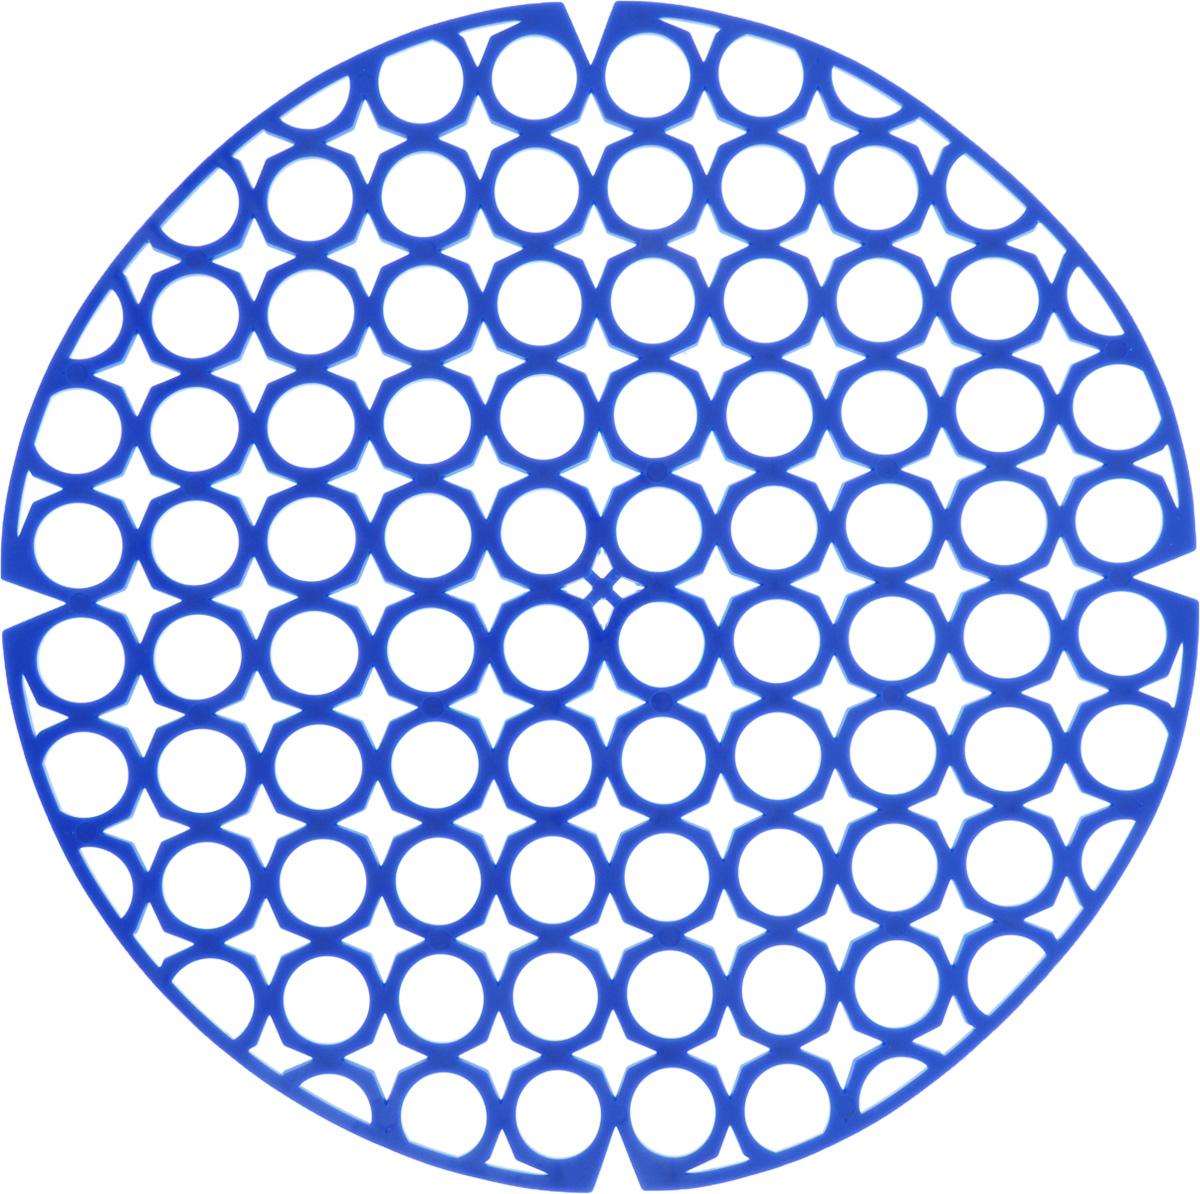 Коврик для раковины York, цвет: синий, диаметр 27,5 см9560/095600_синийСтильный и удобный коврик для раковины York изготовлен из сложных полимеров. Он одновременно выполняет несколько функций: украшает, защищает мойку от царапин и сколов, смягчает удары при падении посуды в мойку. Коврик также можно использовать для сушки посуды, фруктов и овощей. Он легко очищается от грязи и жира. Диаметр: 27,5 см.